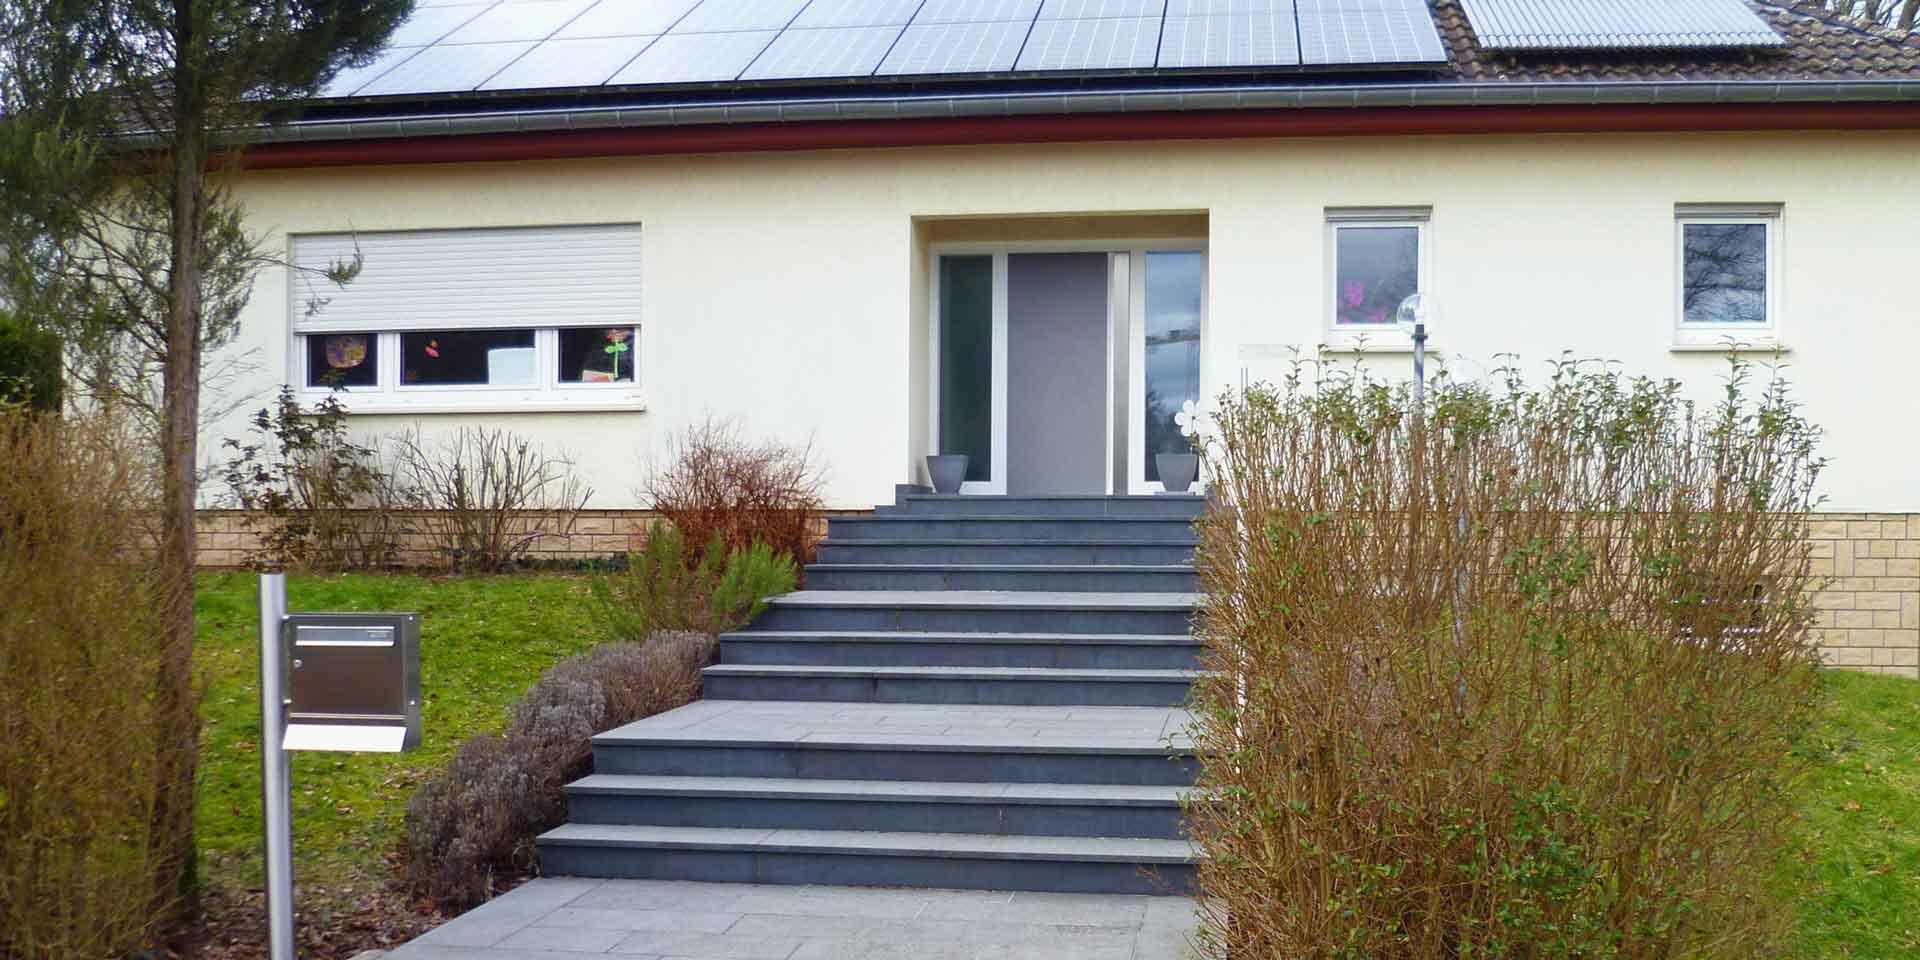 Gelbliches Einfamilienhaus mit moderner grauer Coplaning Haustür und weißen Coplaning Fenstern.